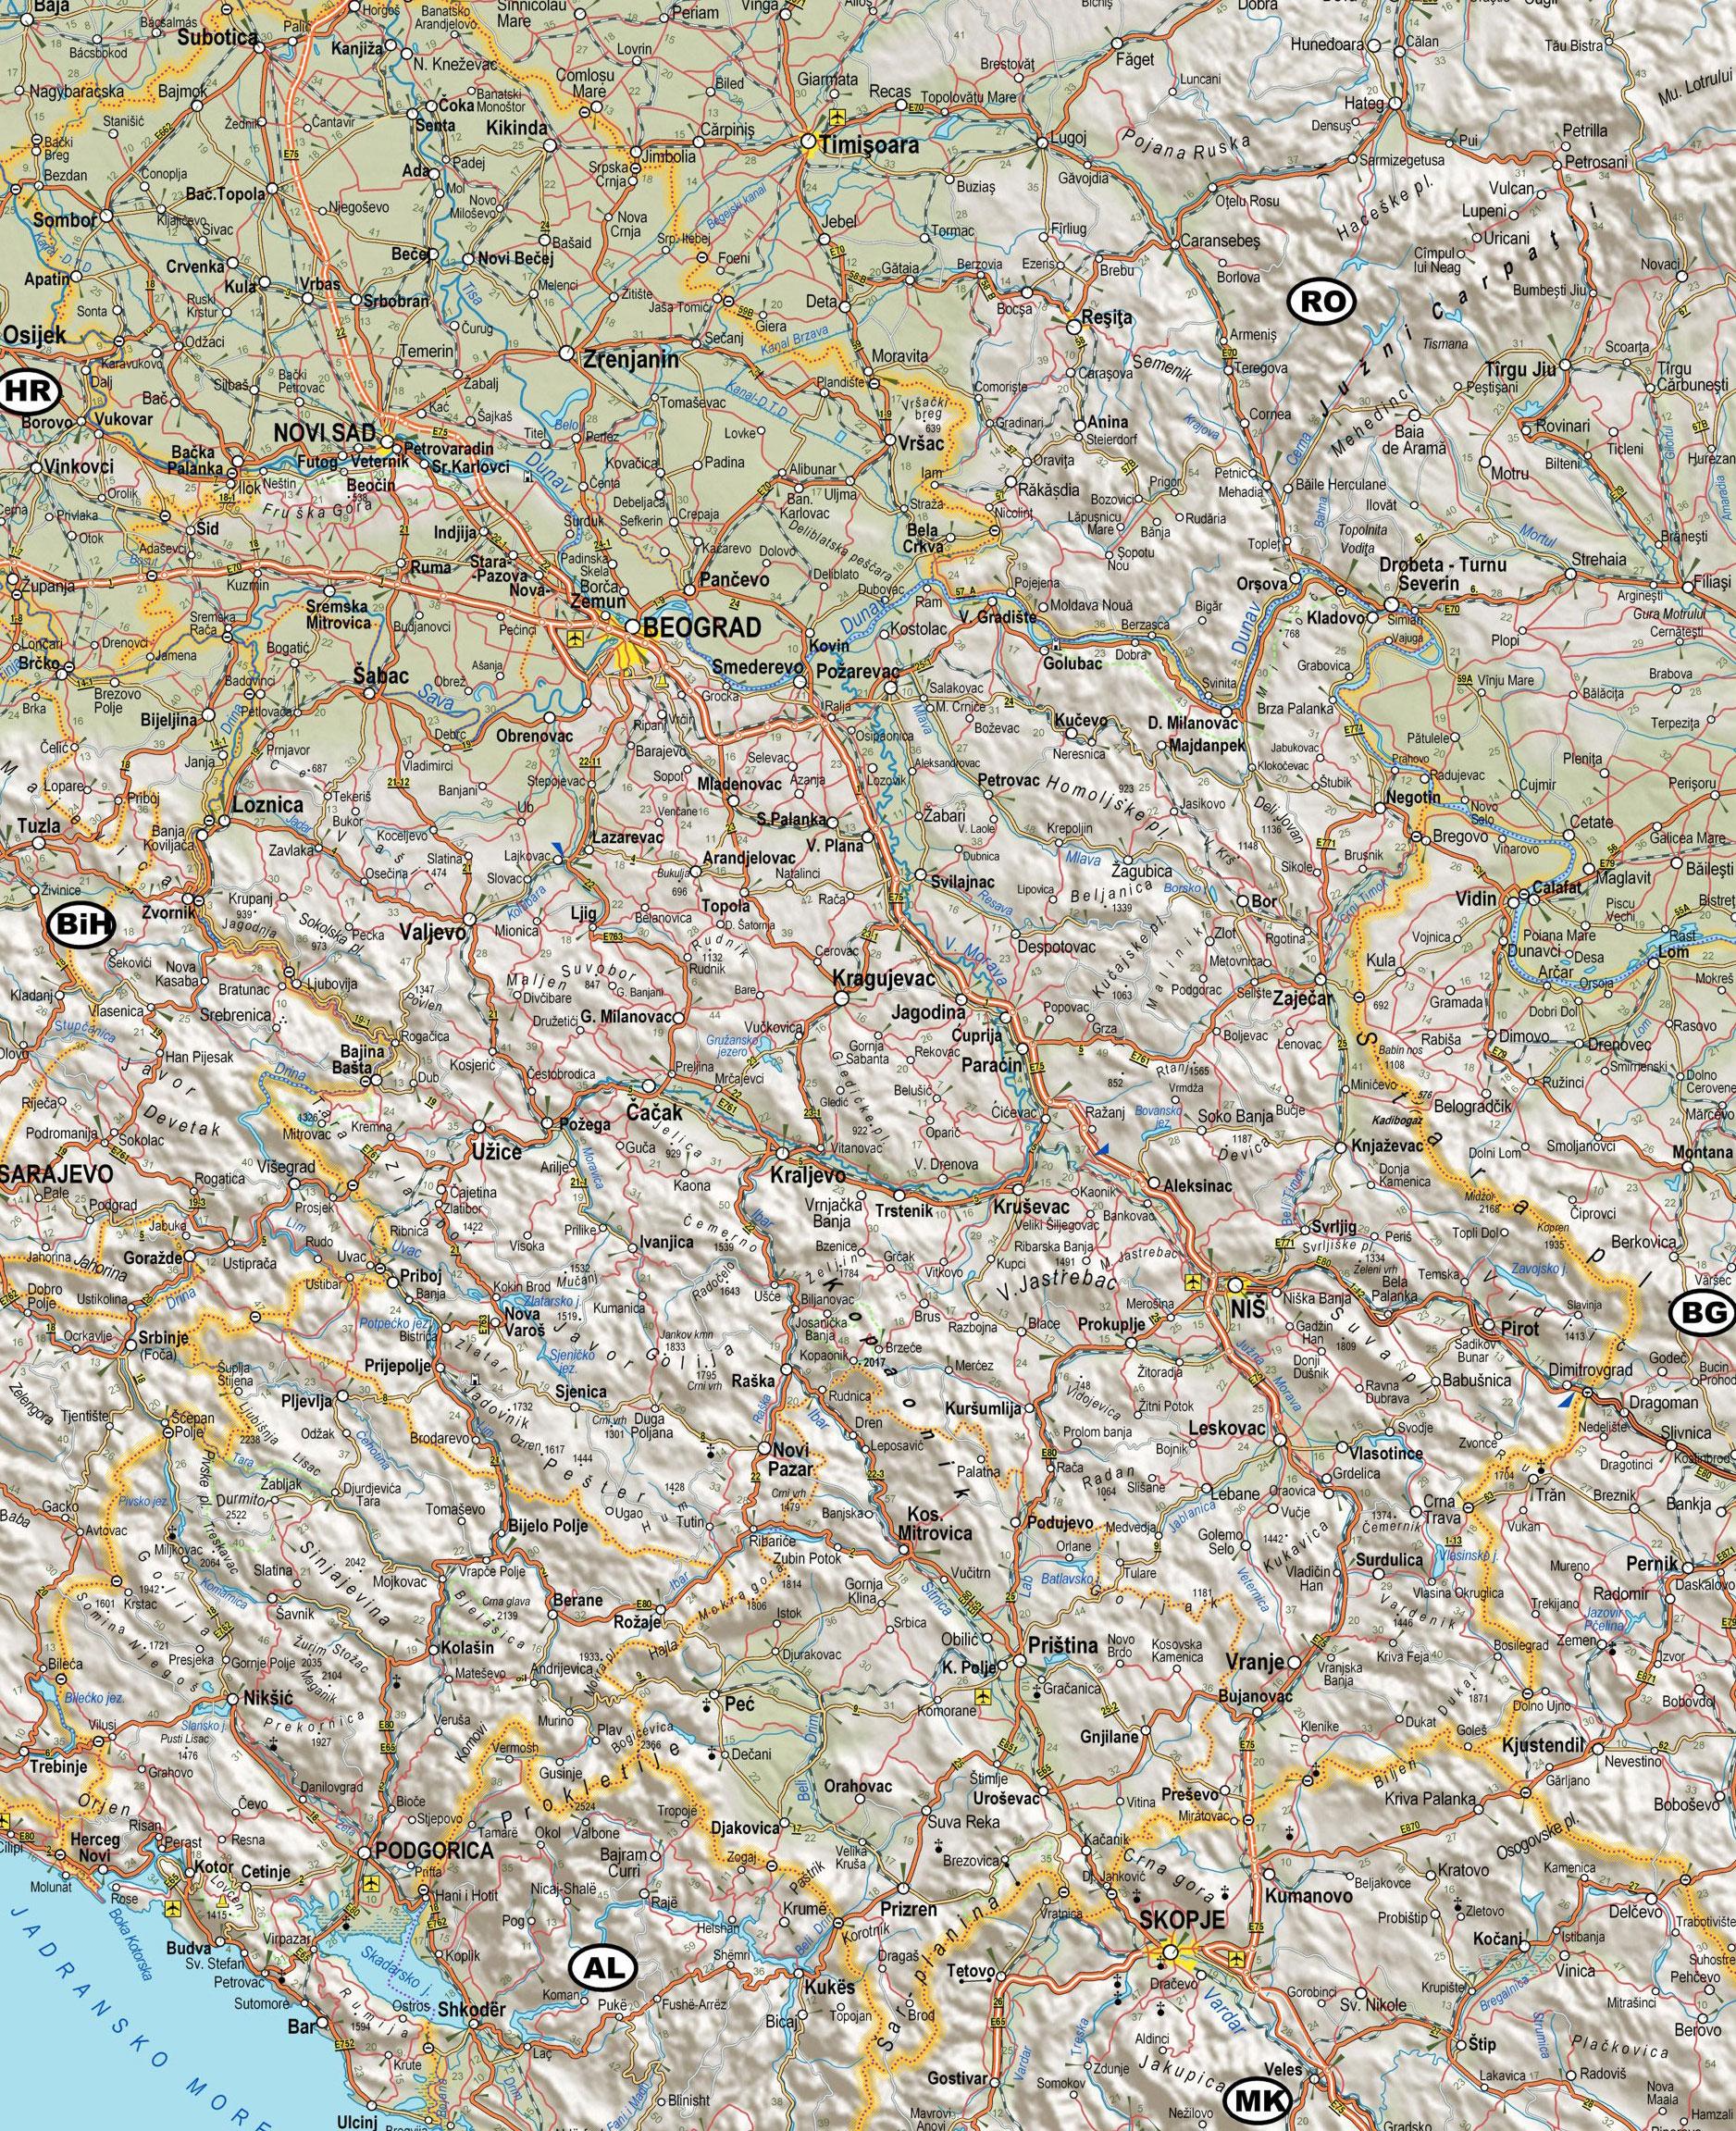 auto karta zapadne evrope Auto karta Srbije – Motorna vozila auto karta zapadne evrope